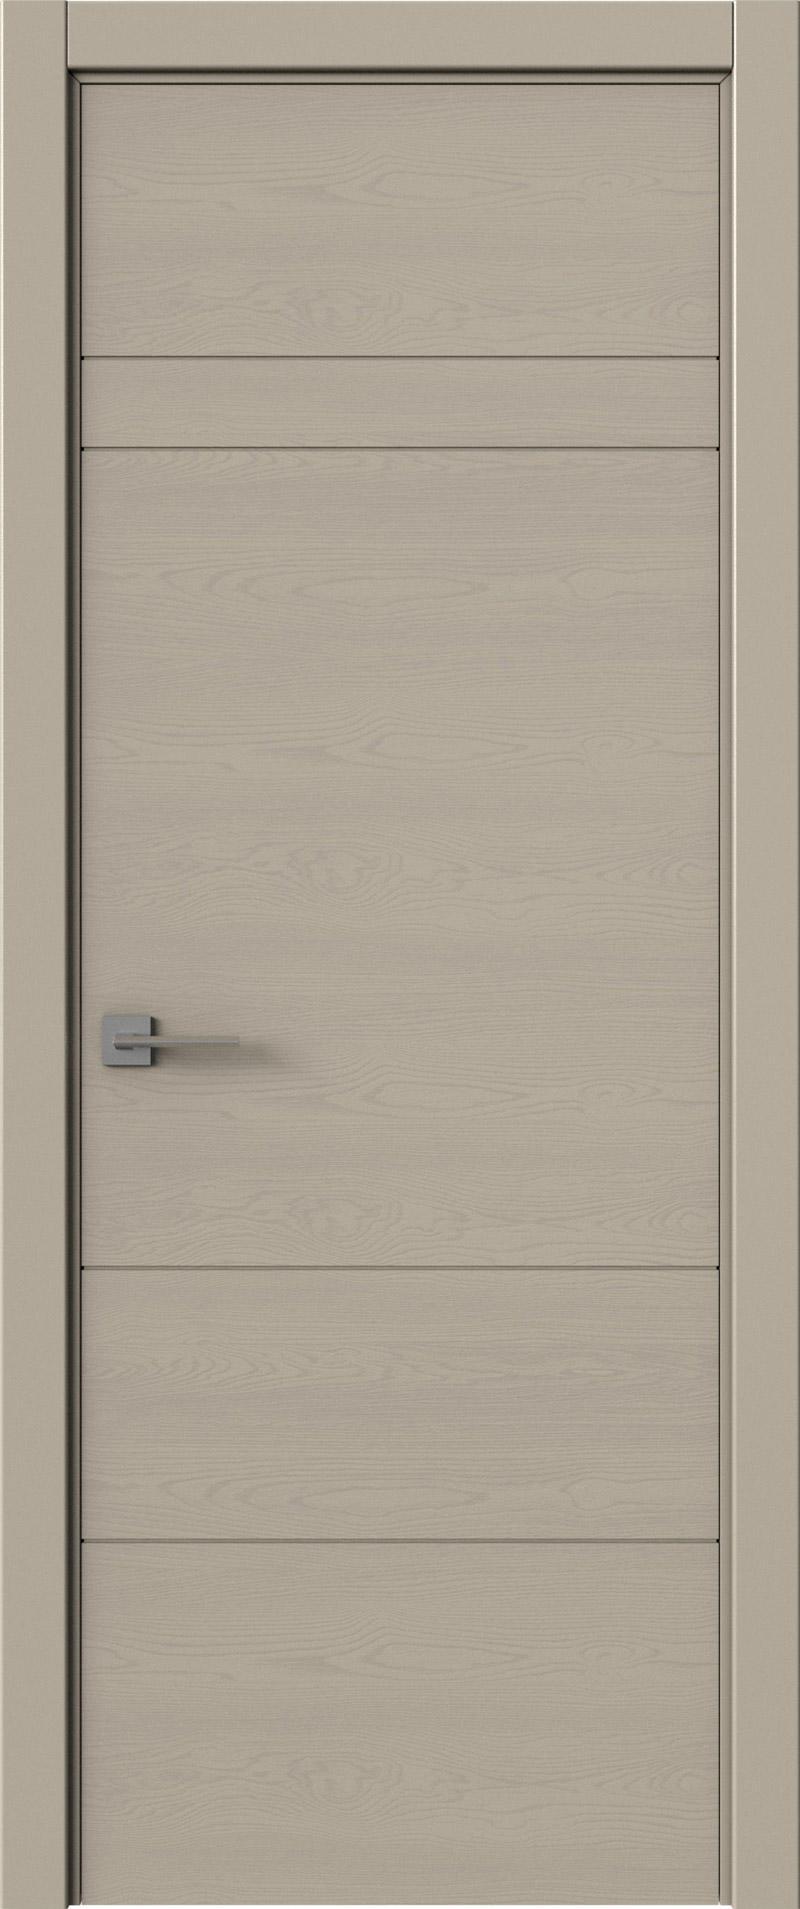 Tivoli К-2 цвет - Серо-оливковая эмаль по шпону (RAL 7032) Без стекла (ДГ)